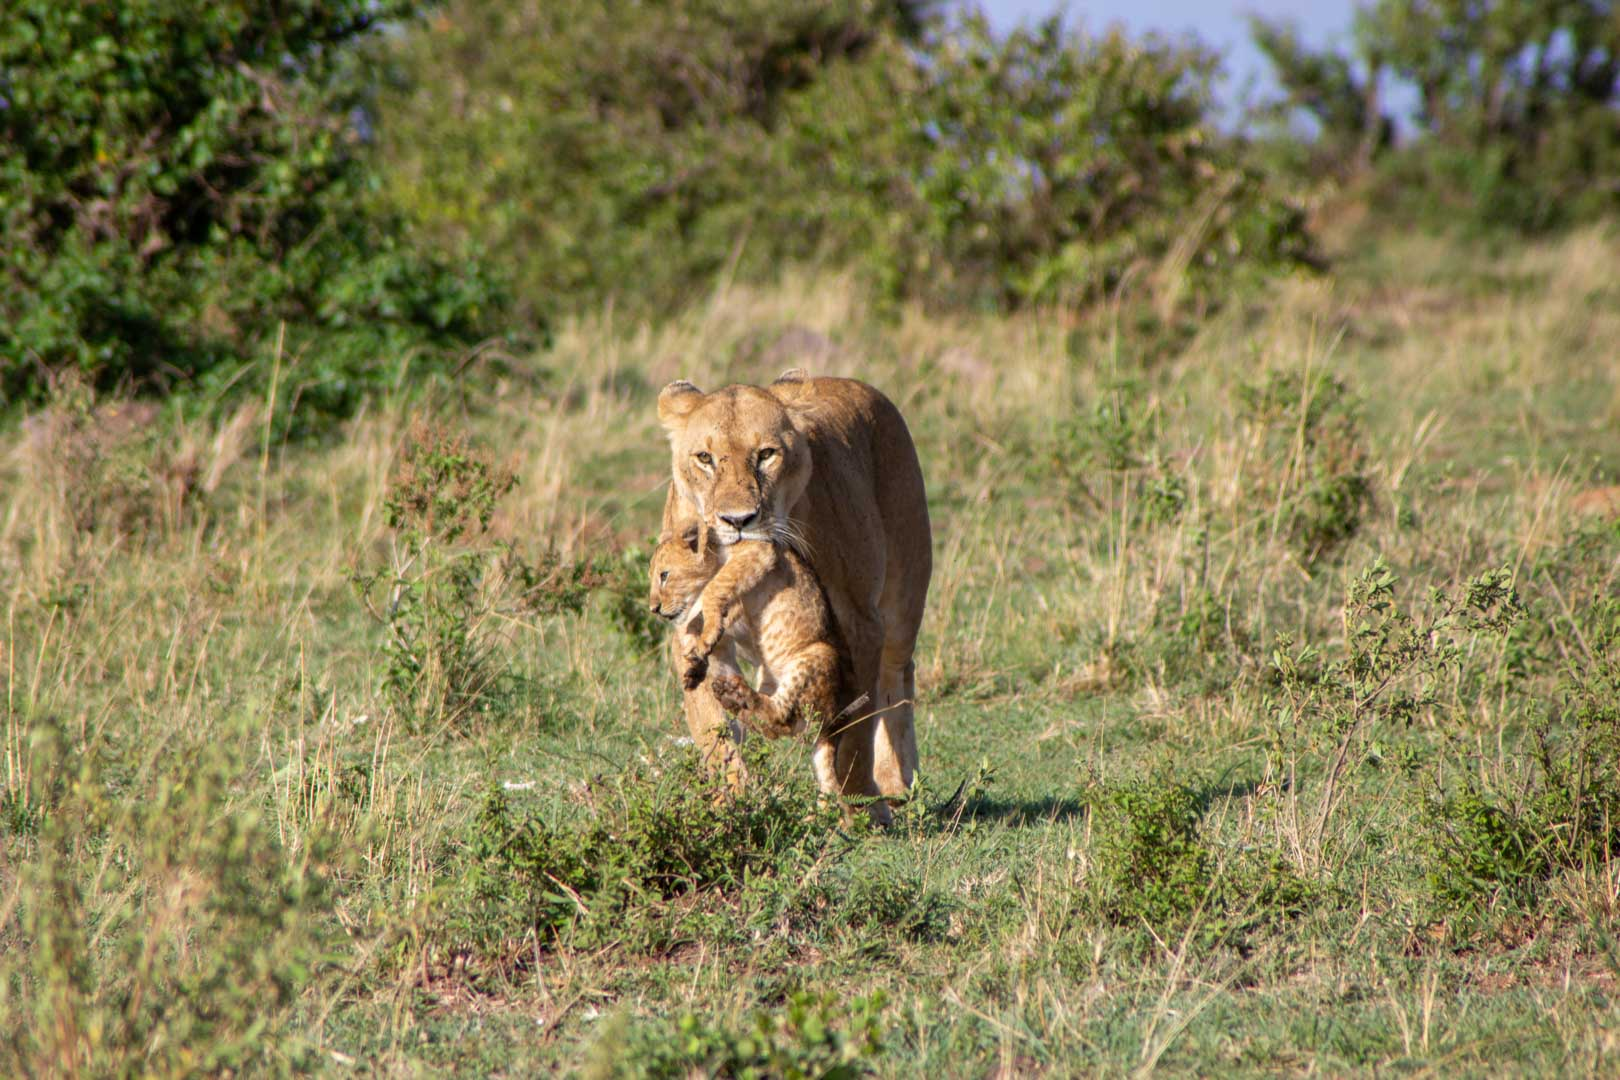 La leona y su bebé se dirigen hacia nosotros, Masai Mara, Kenia